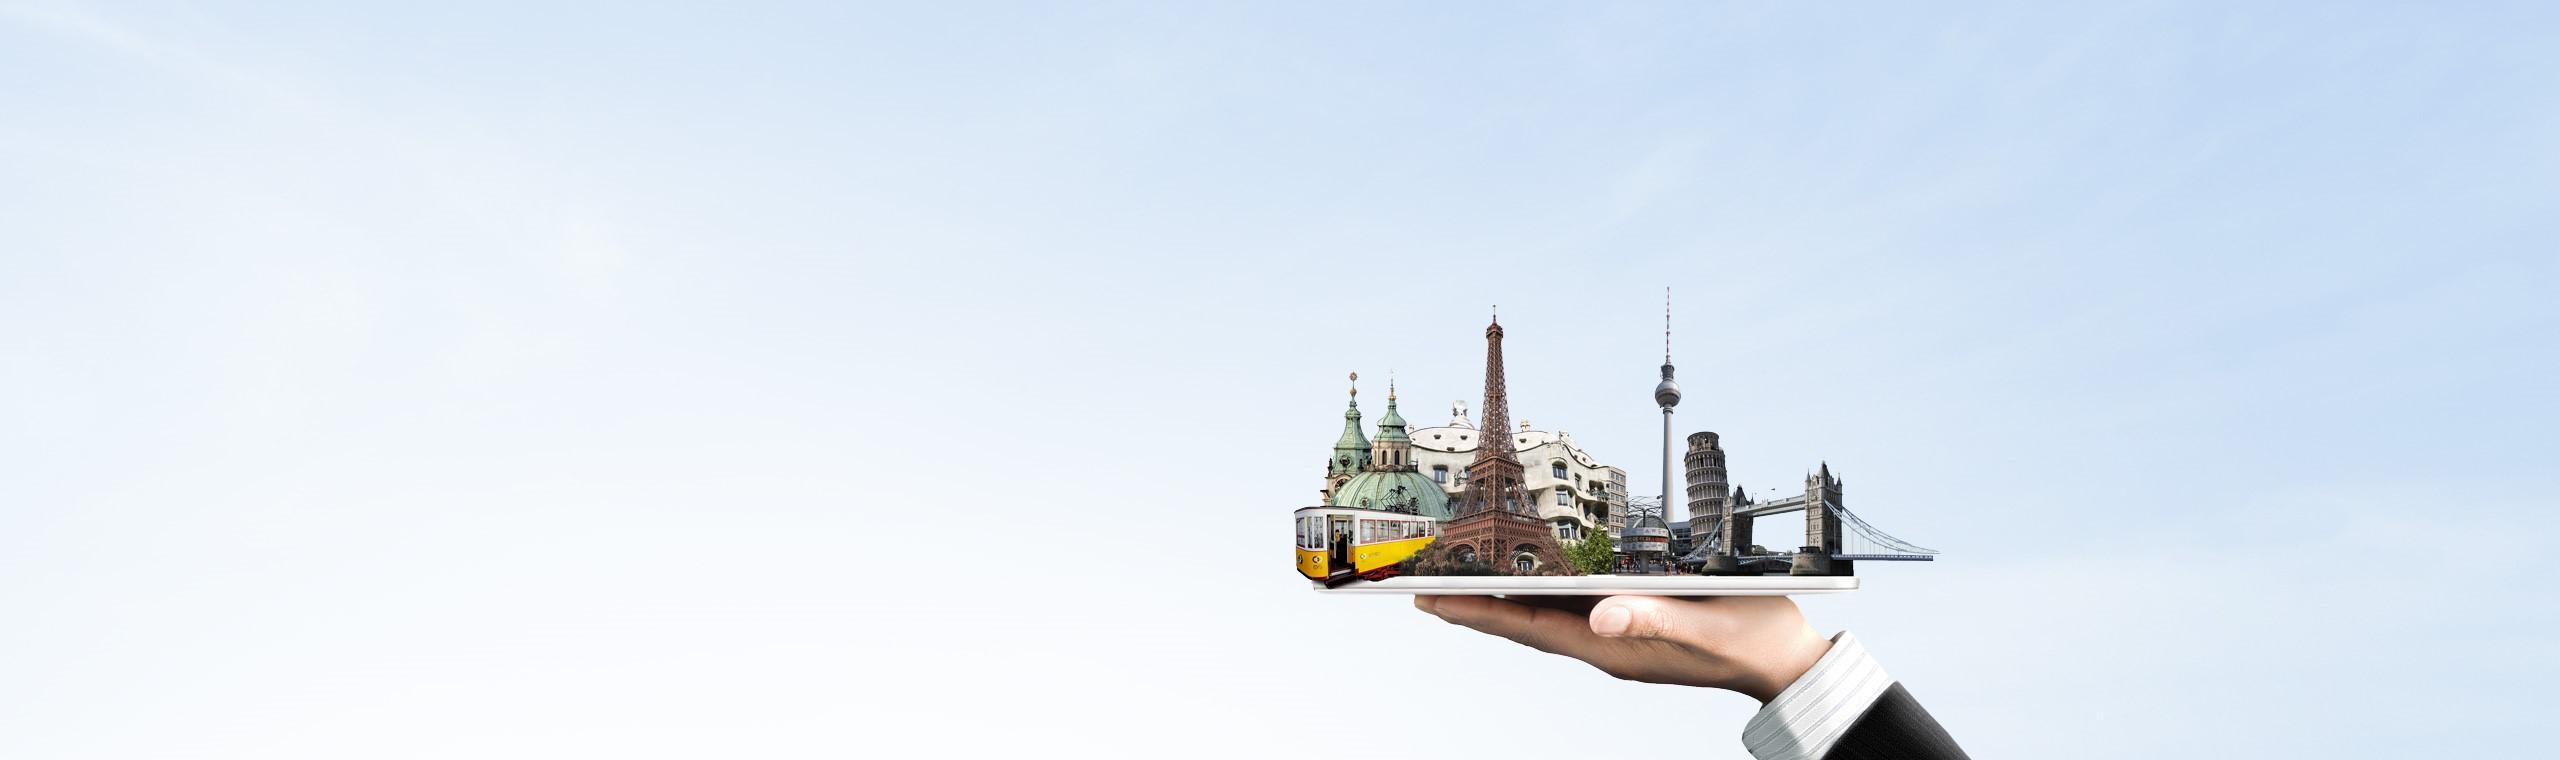 Raisin und Hausbank München kooperieren mit Blick auf Wohnungseigentümergemeinschaften